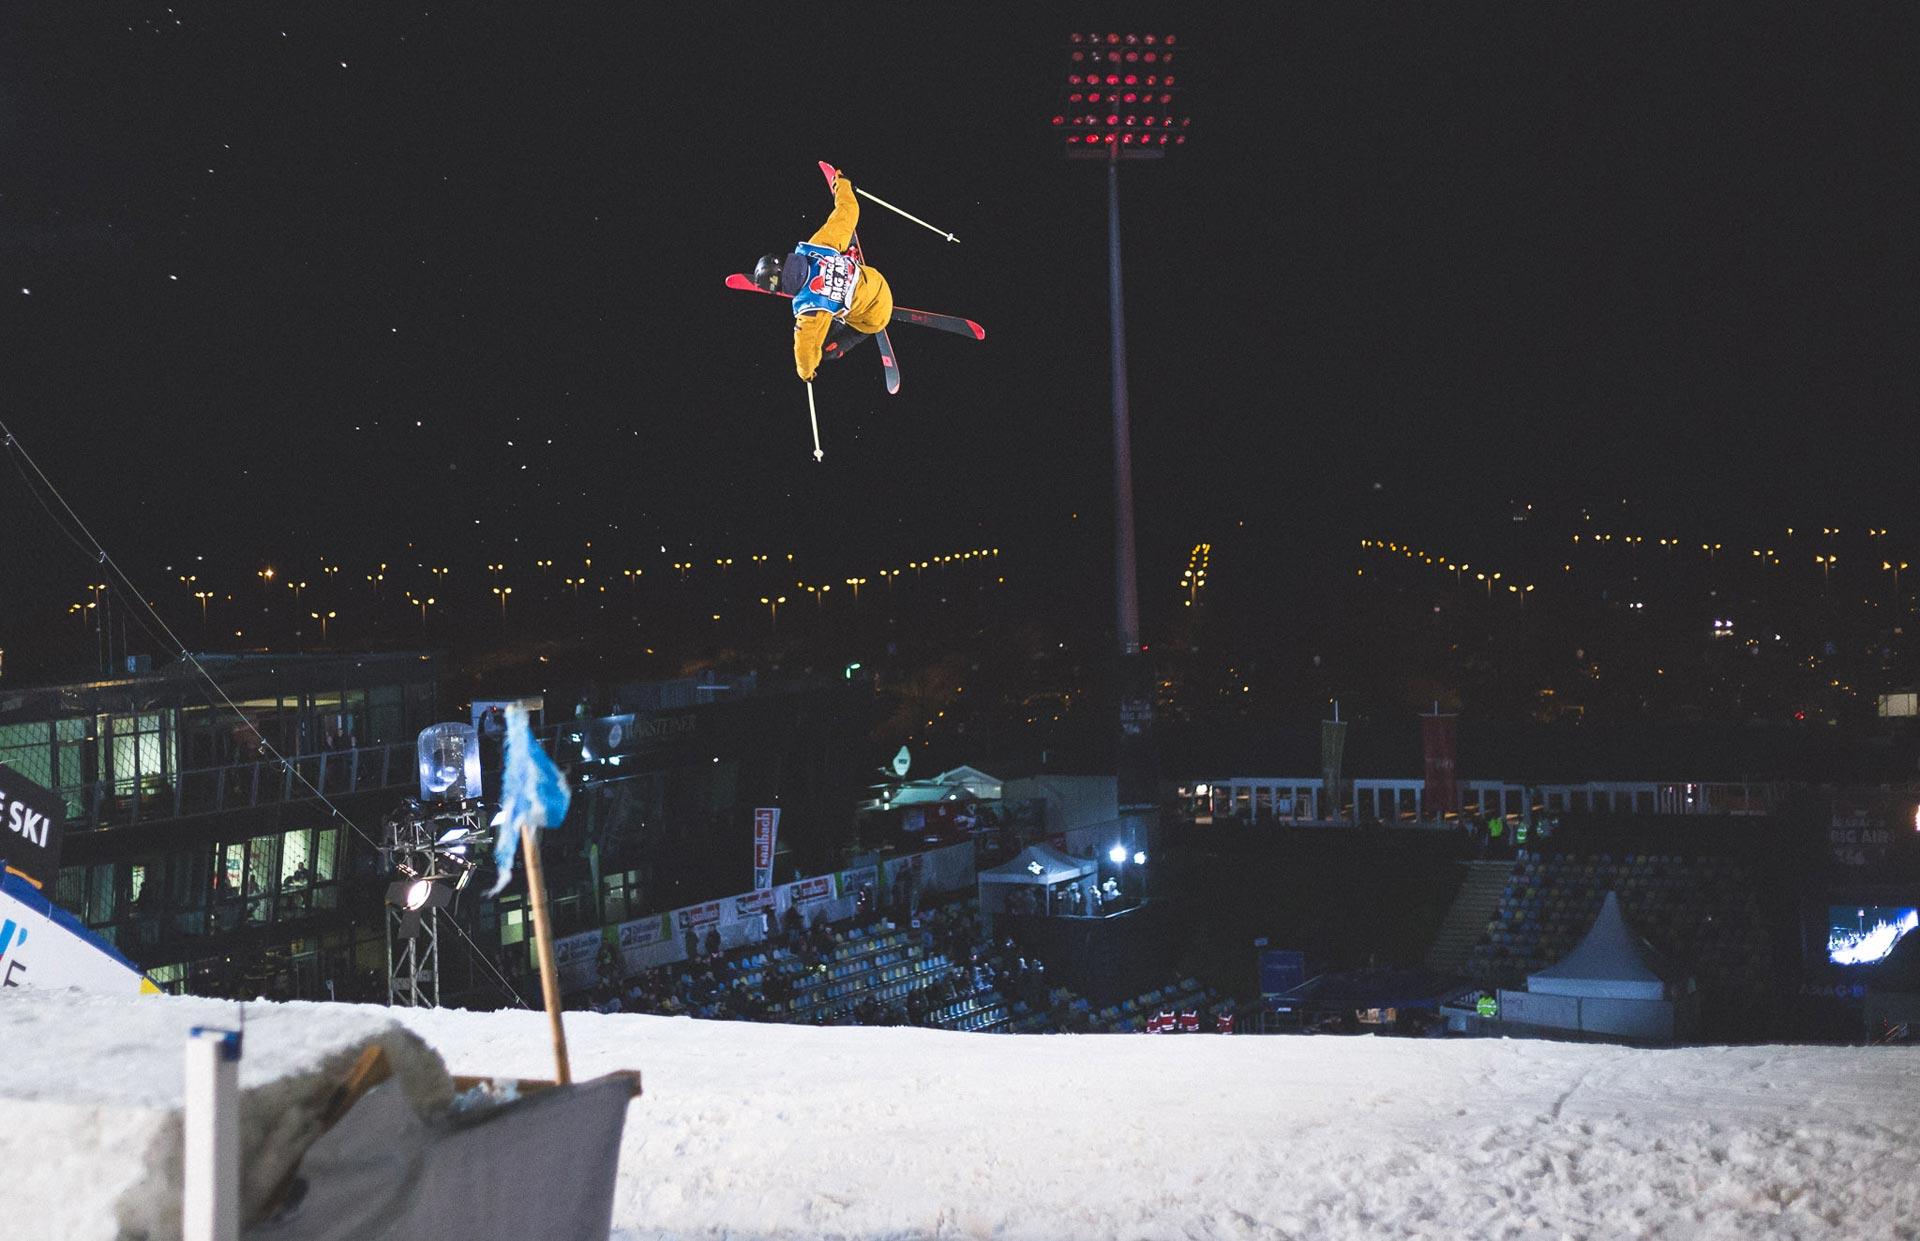 Young Gun Eirik Sateroy bei seinem zweiten Trick im Finale: Switch Dub 10 Tail